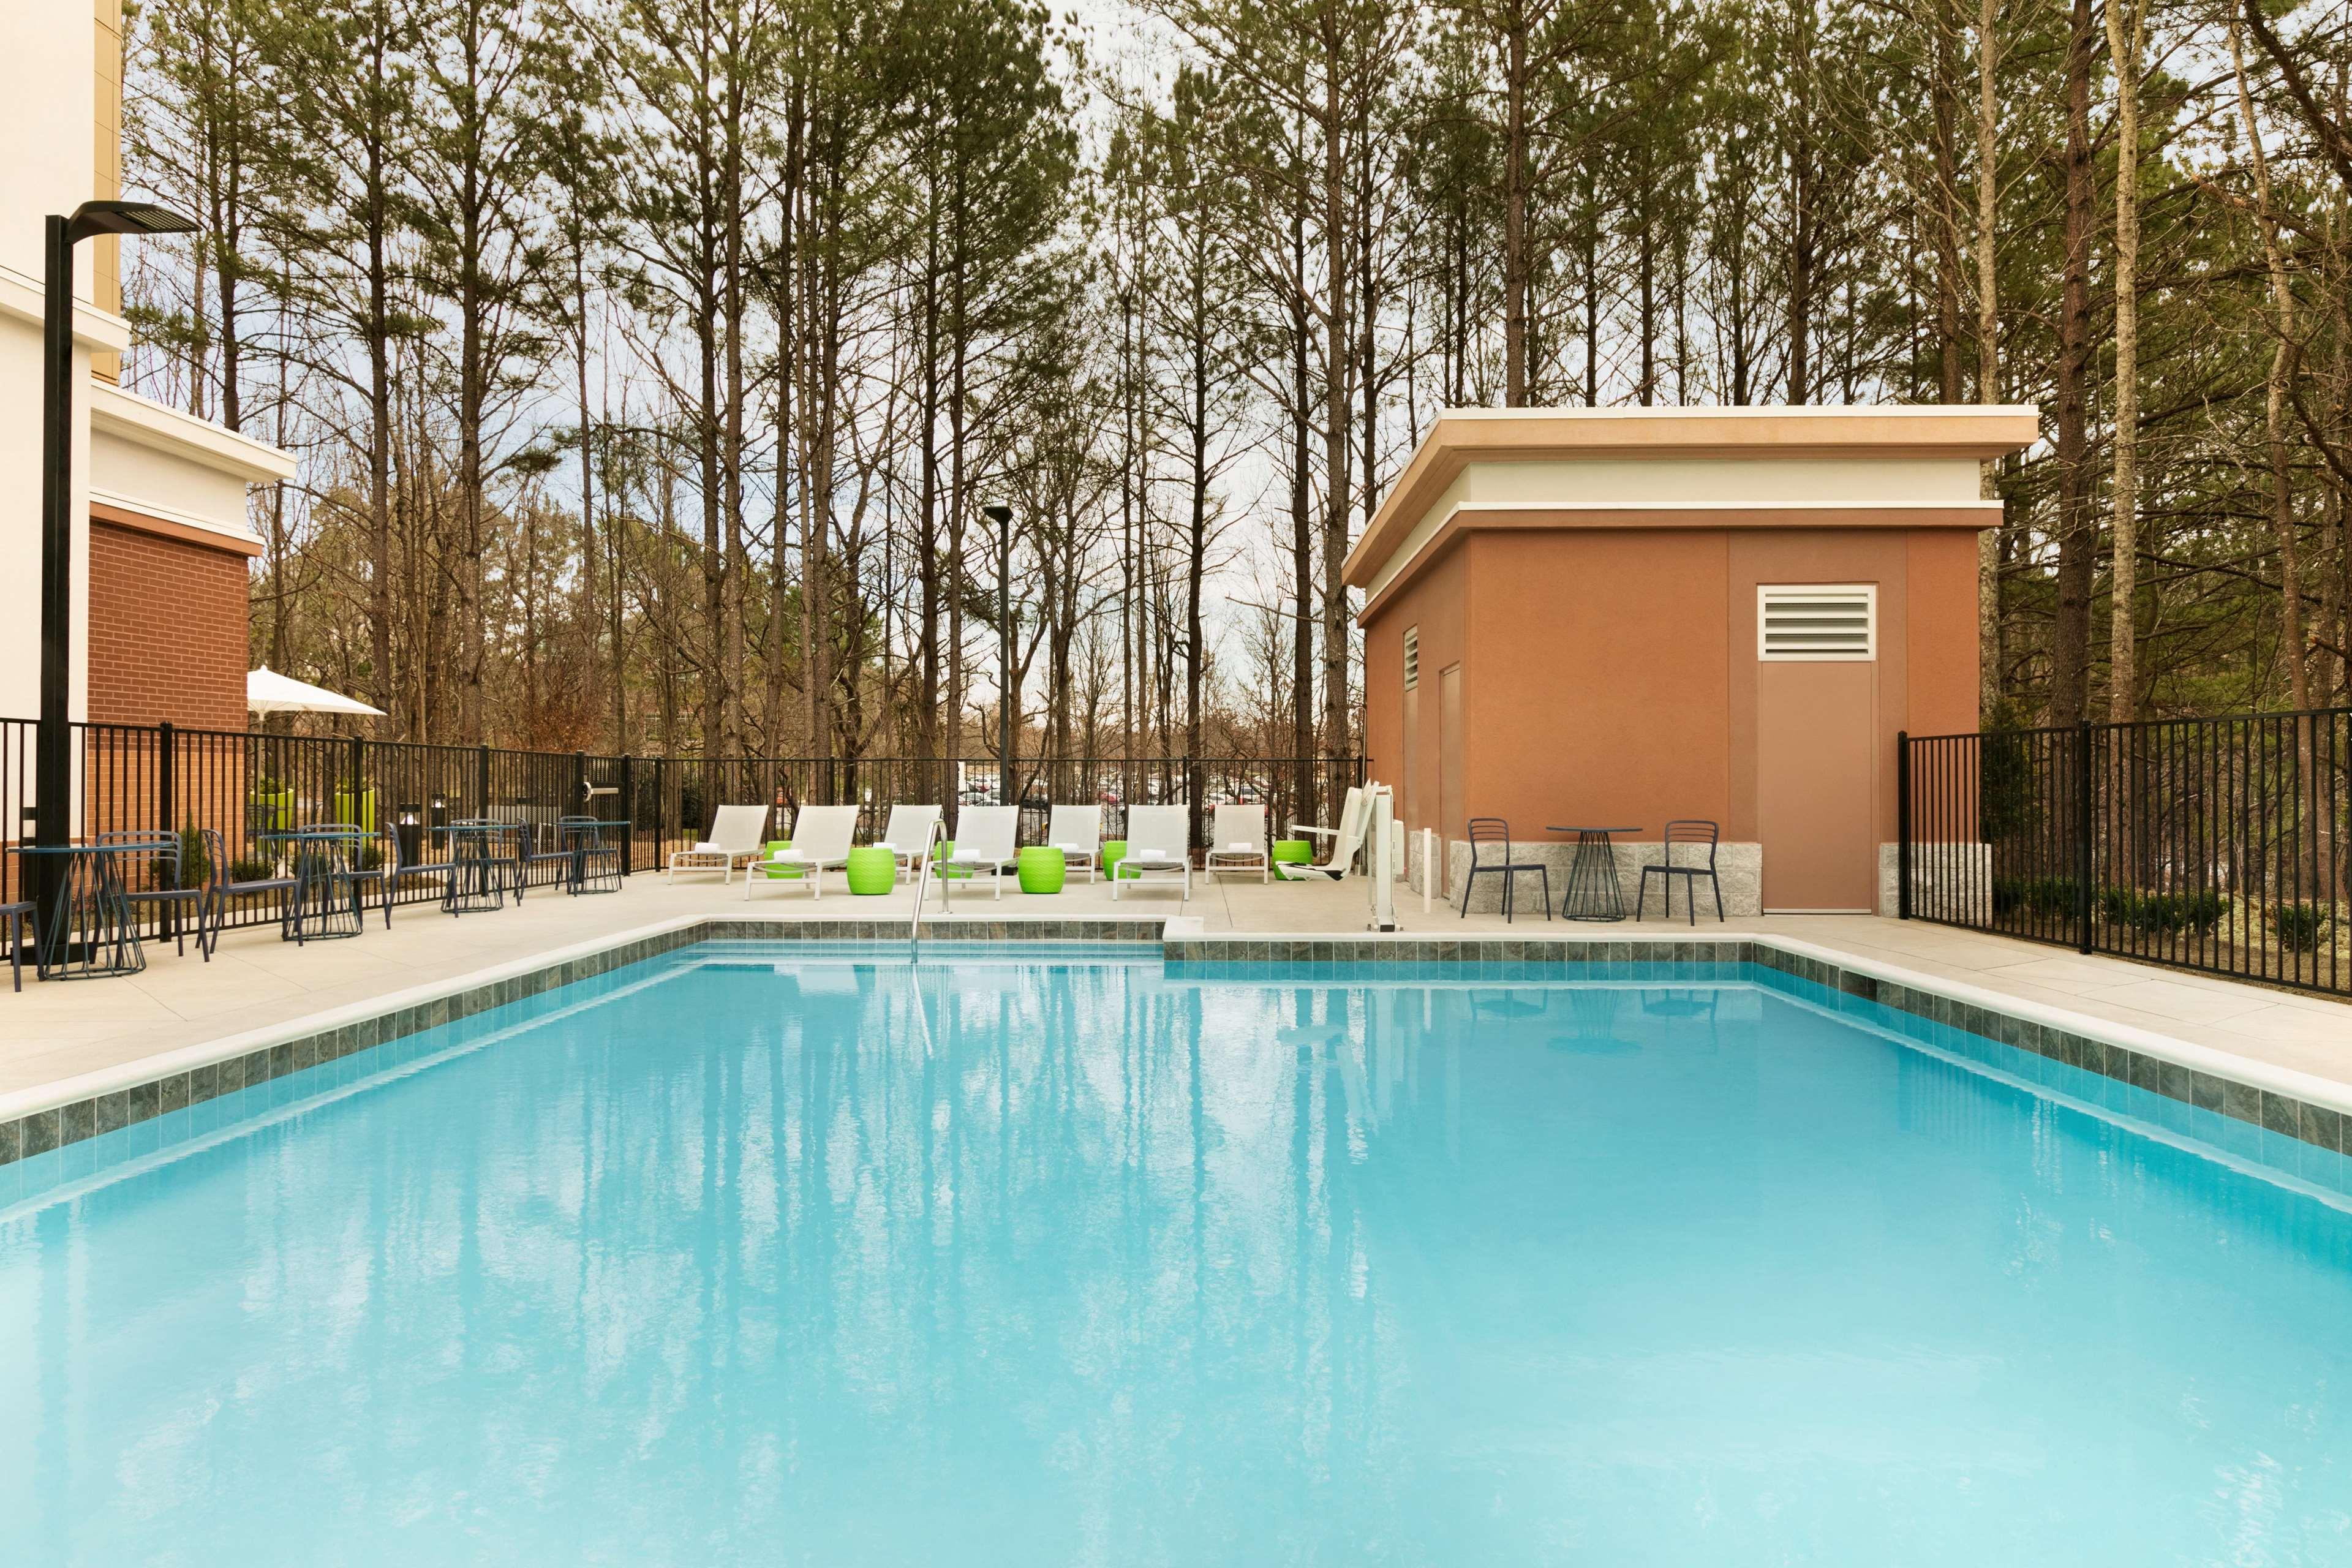 Hampton Inn and Suites Johns Creek image 8